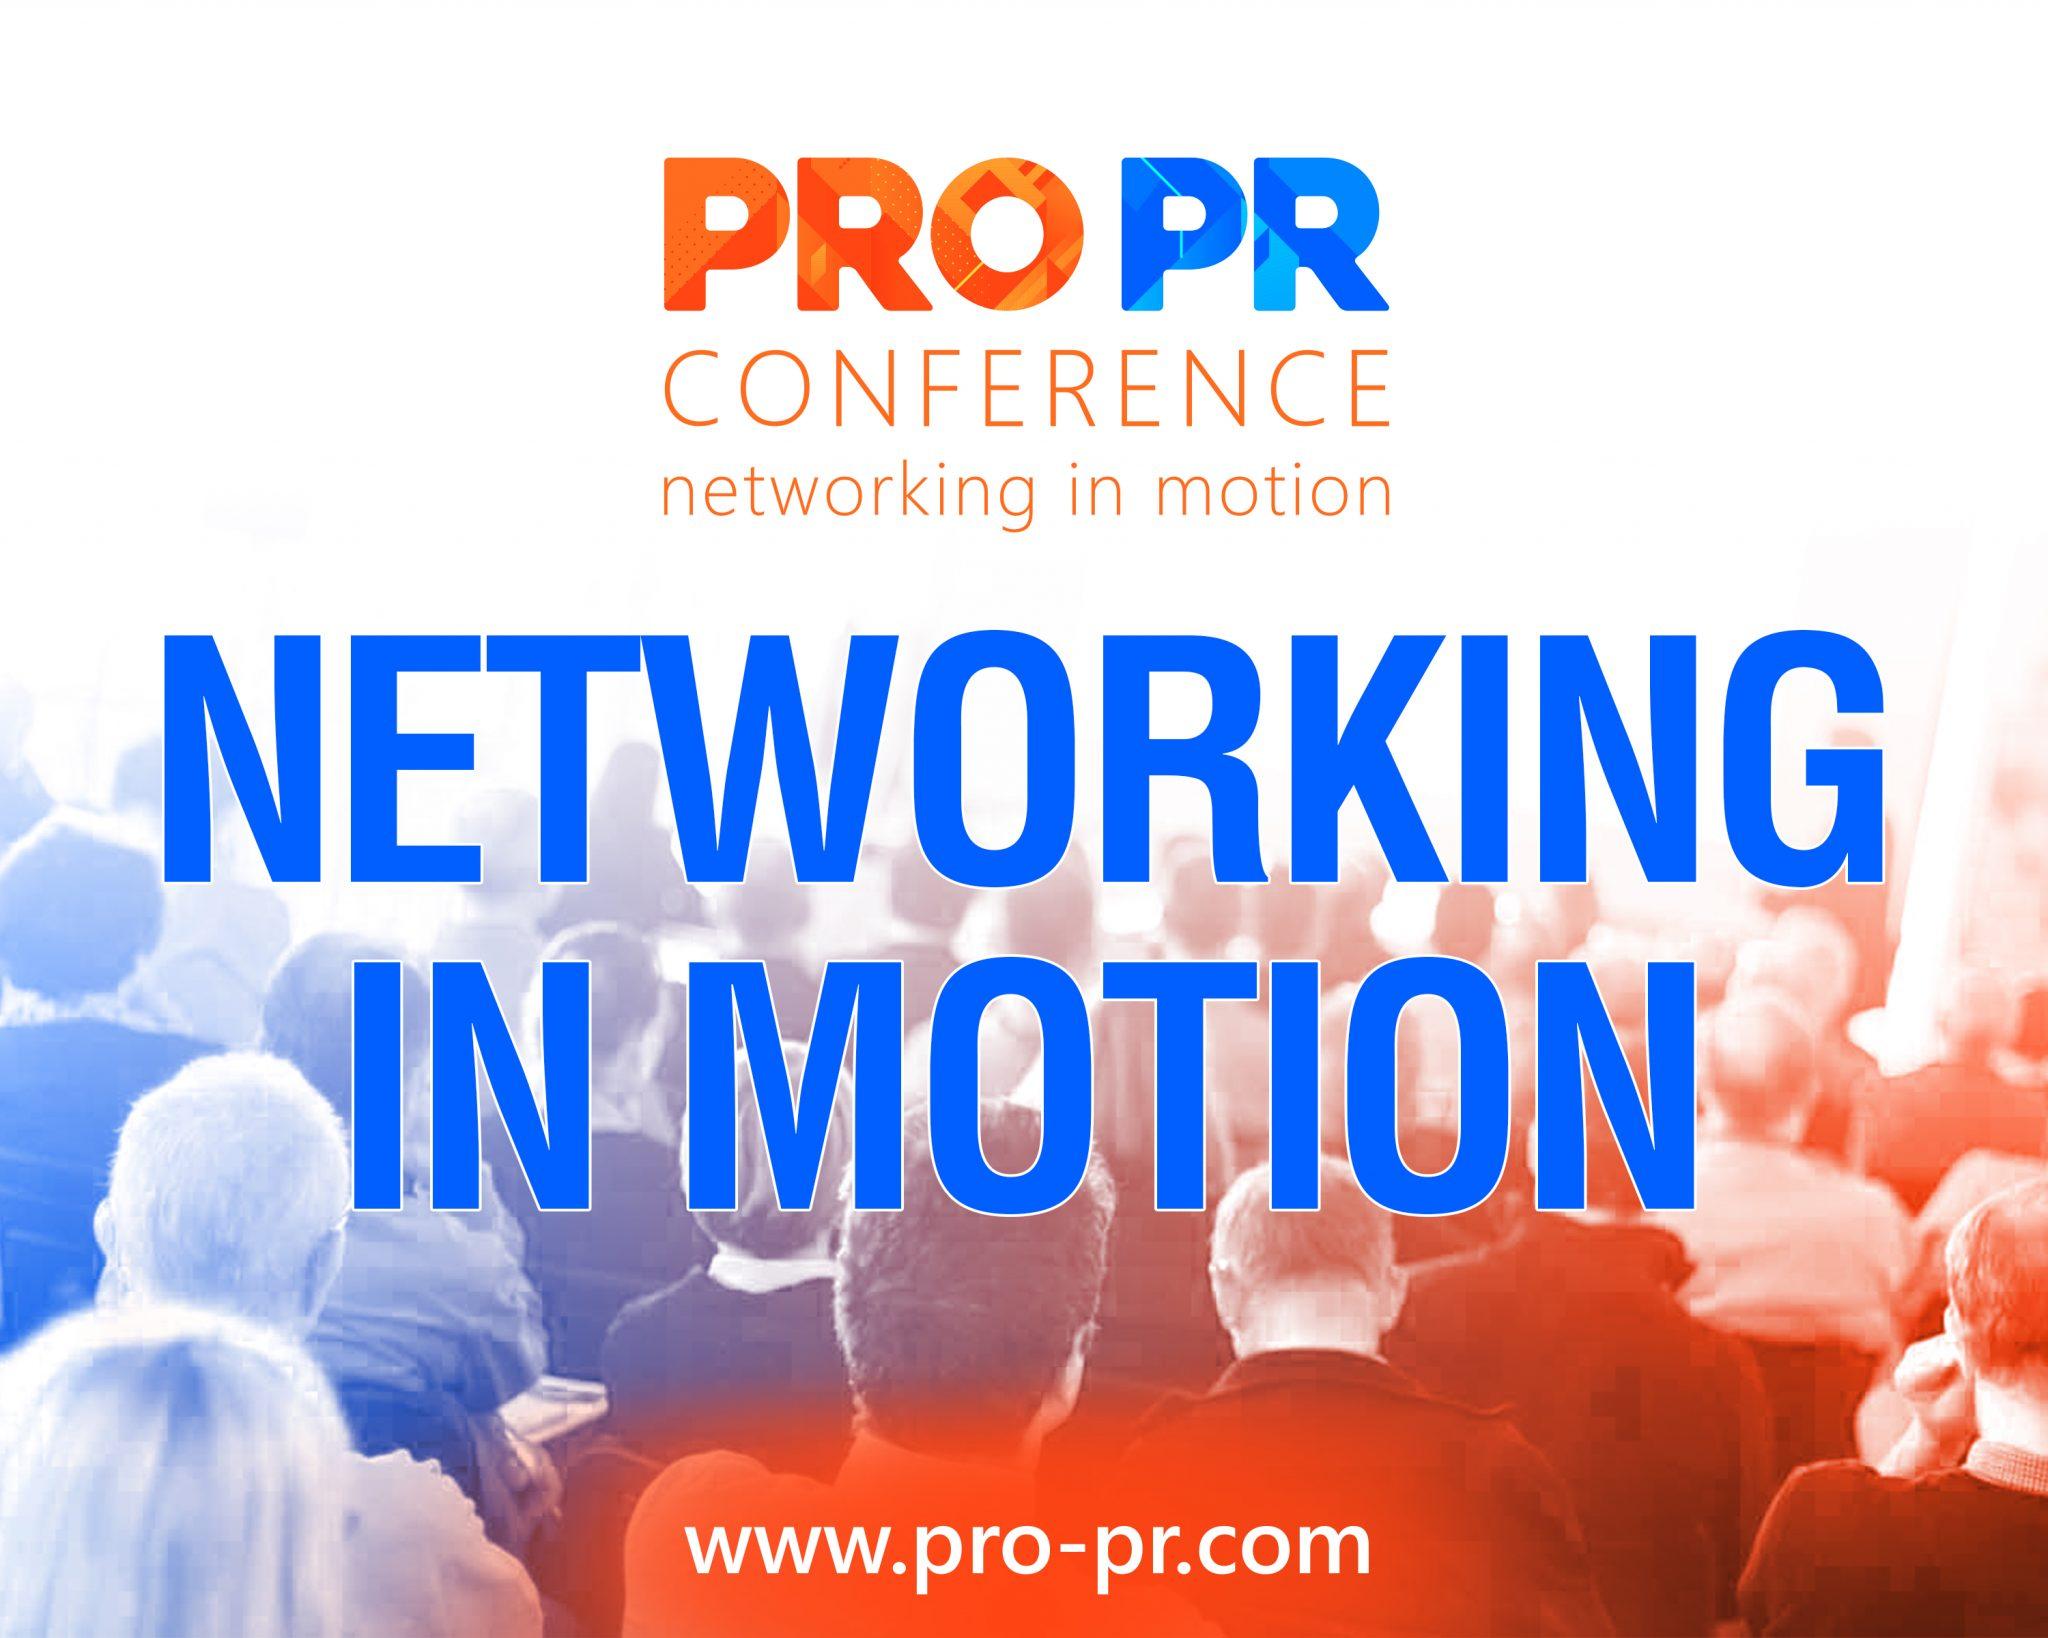 Predsjednice dva svjetska udruženja po prvi put na PRO PR-u